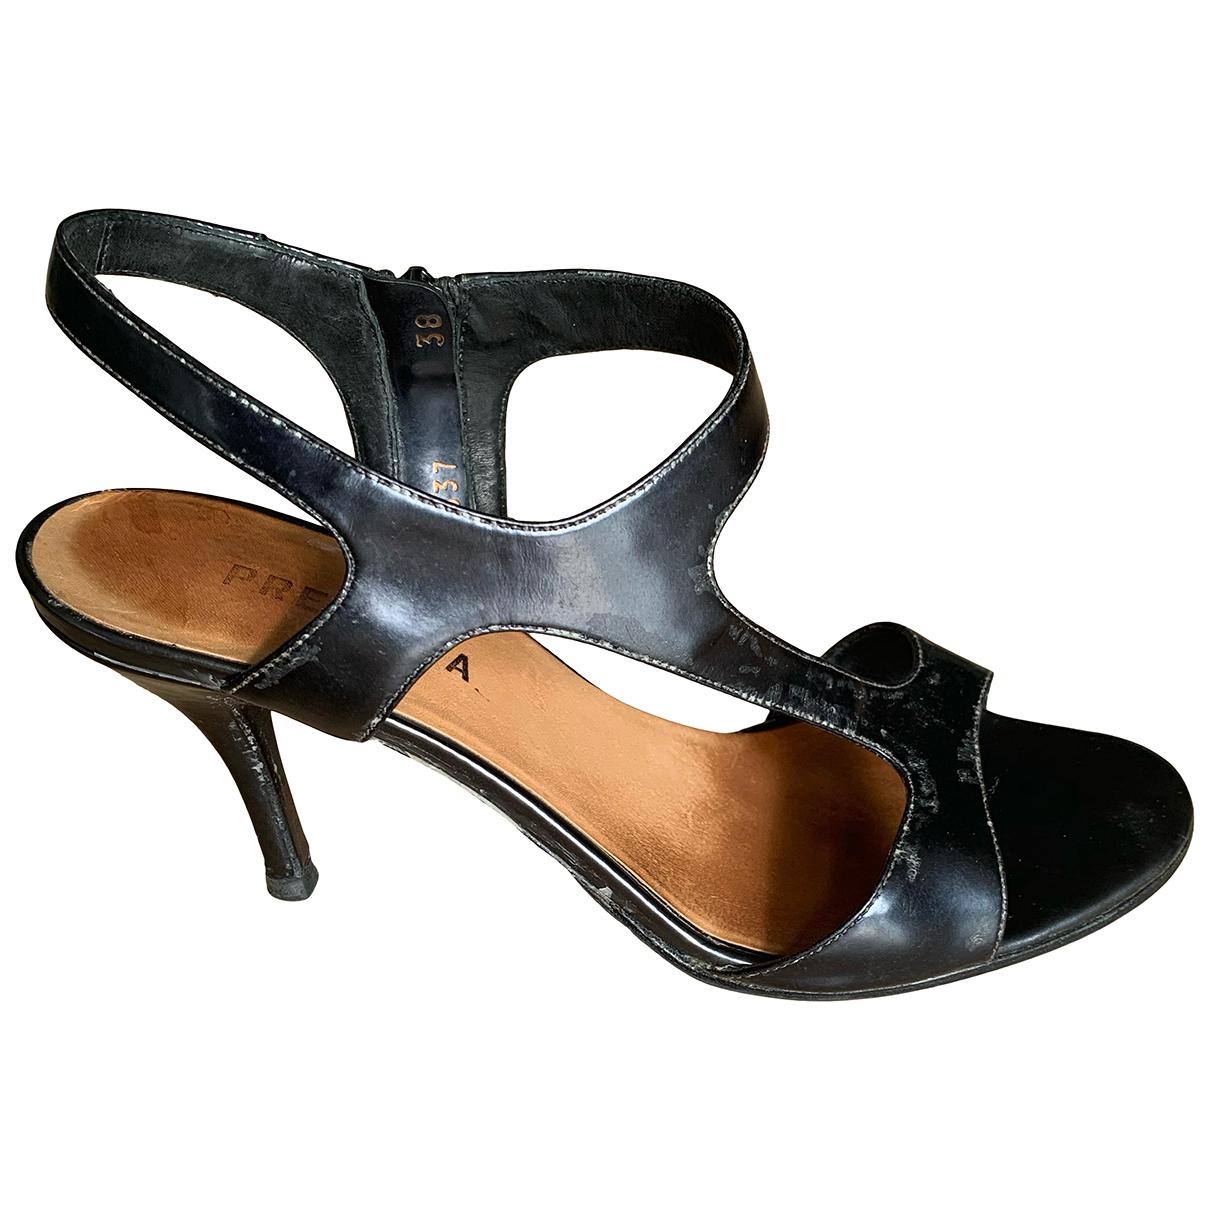 Premiata - Sandales   pour femme en cuir verni - anthracite